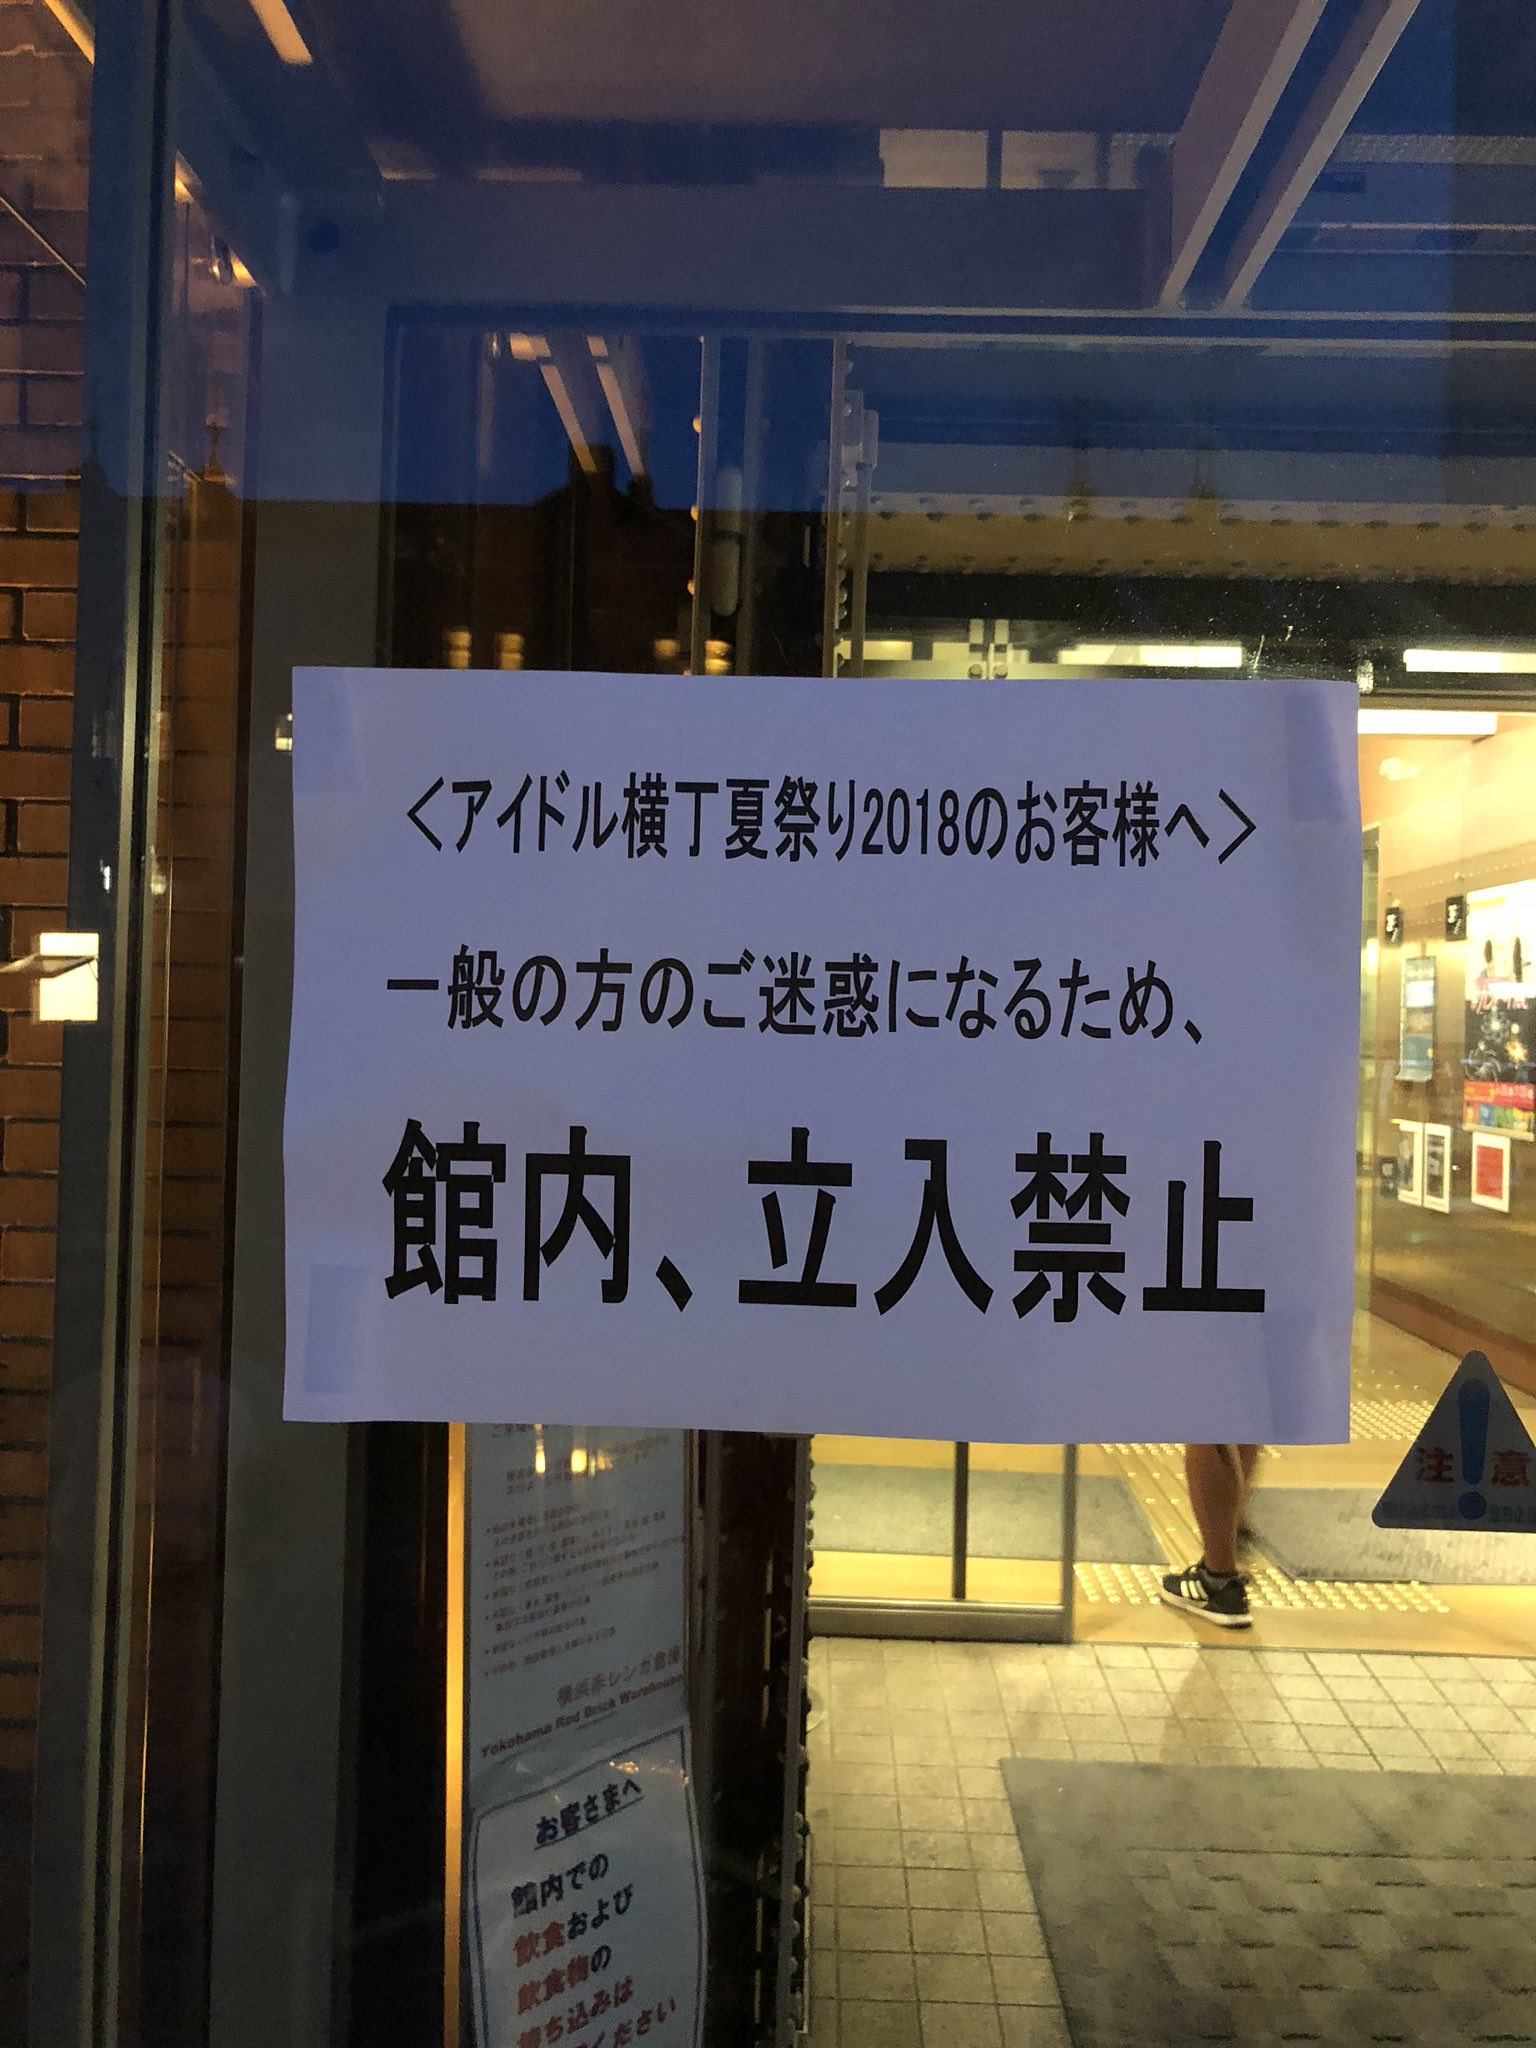 横浜赤レンガ倉庫「アイドルヲタは入ってこないでね」